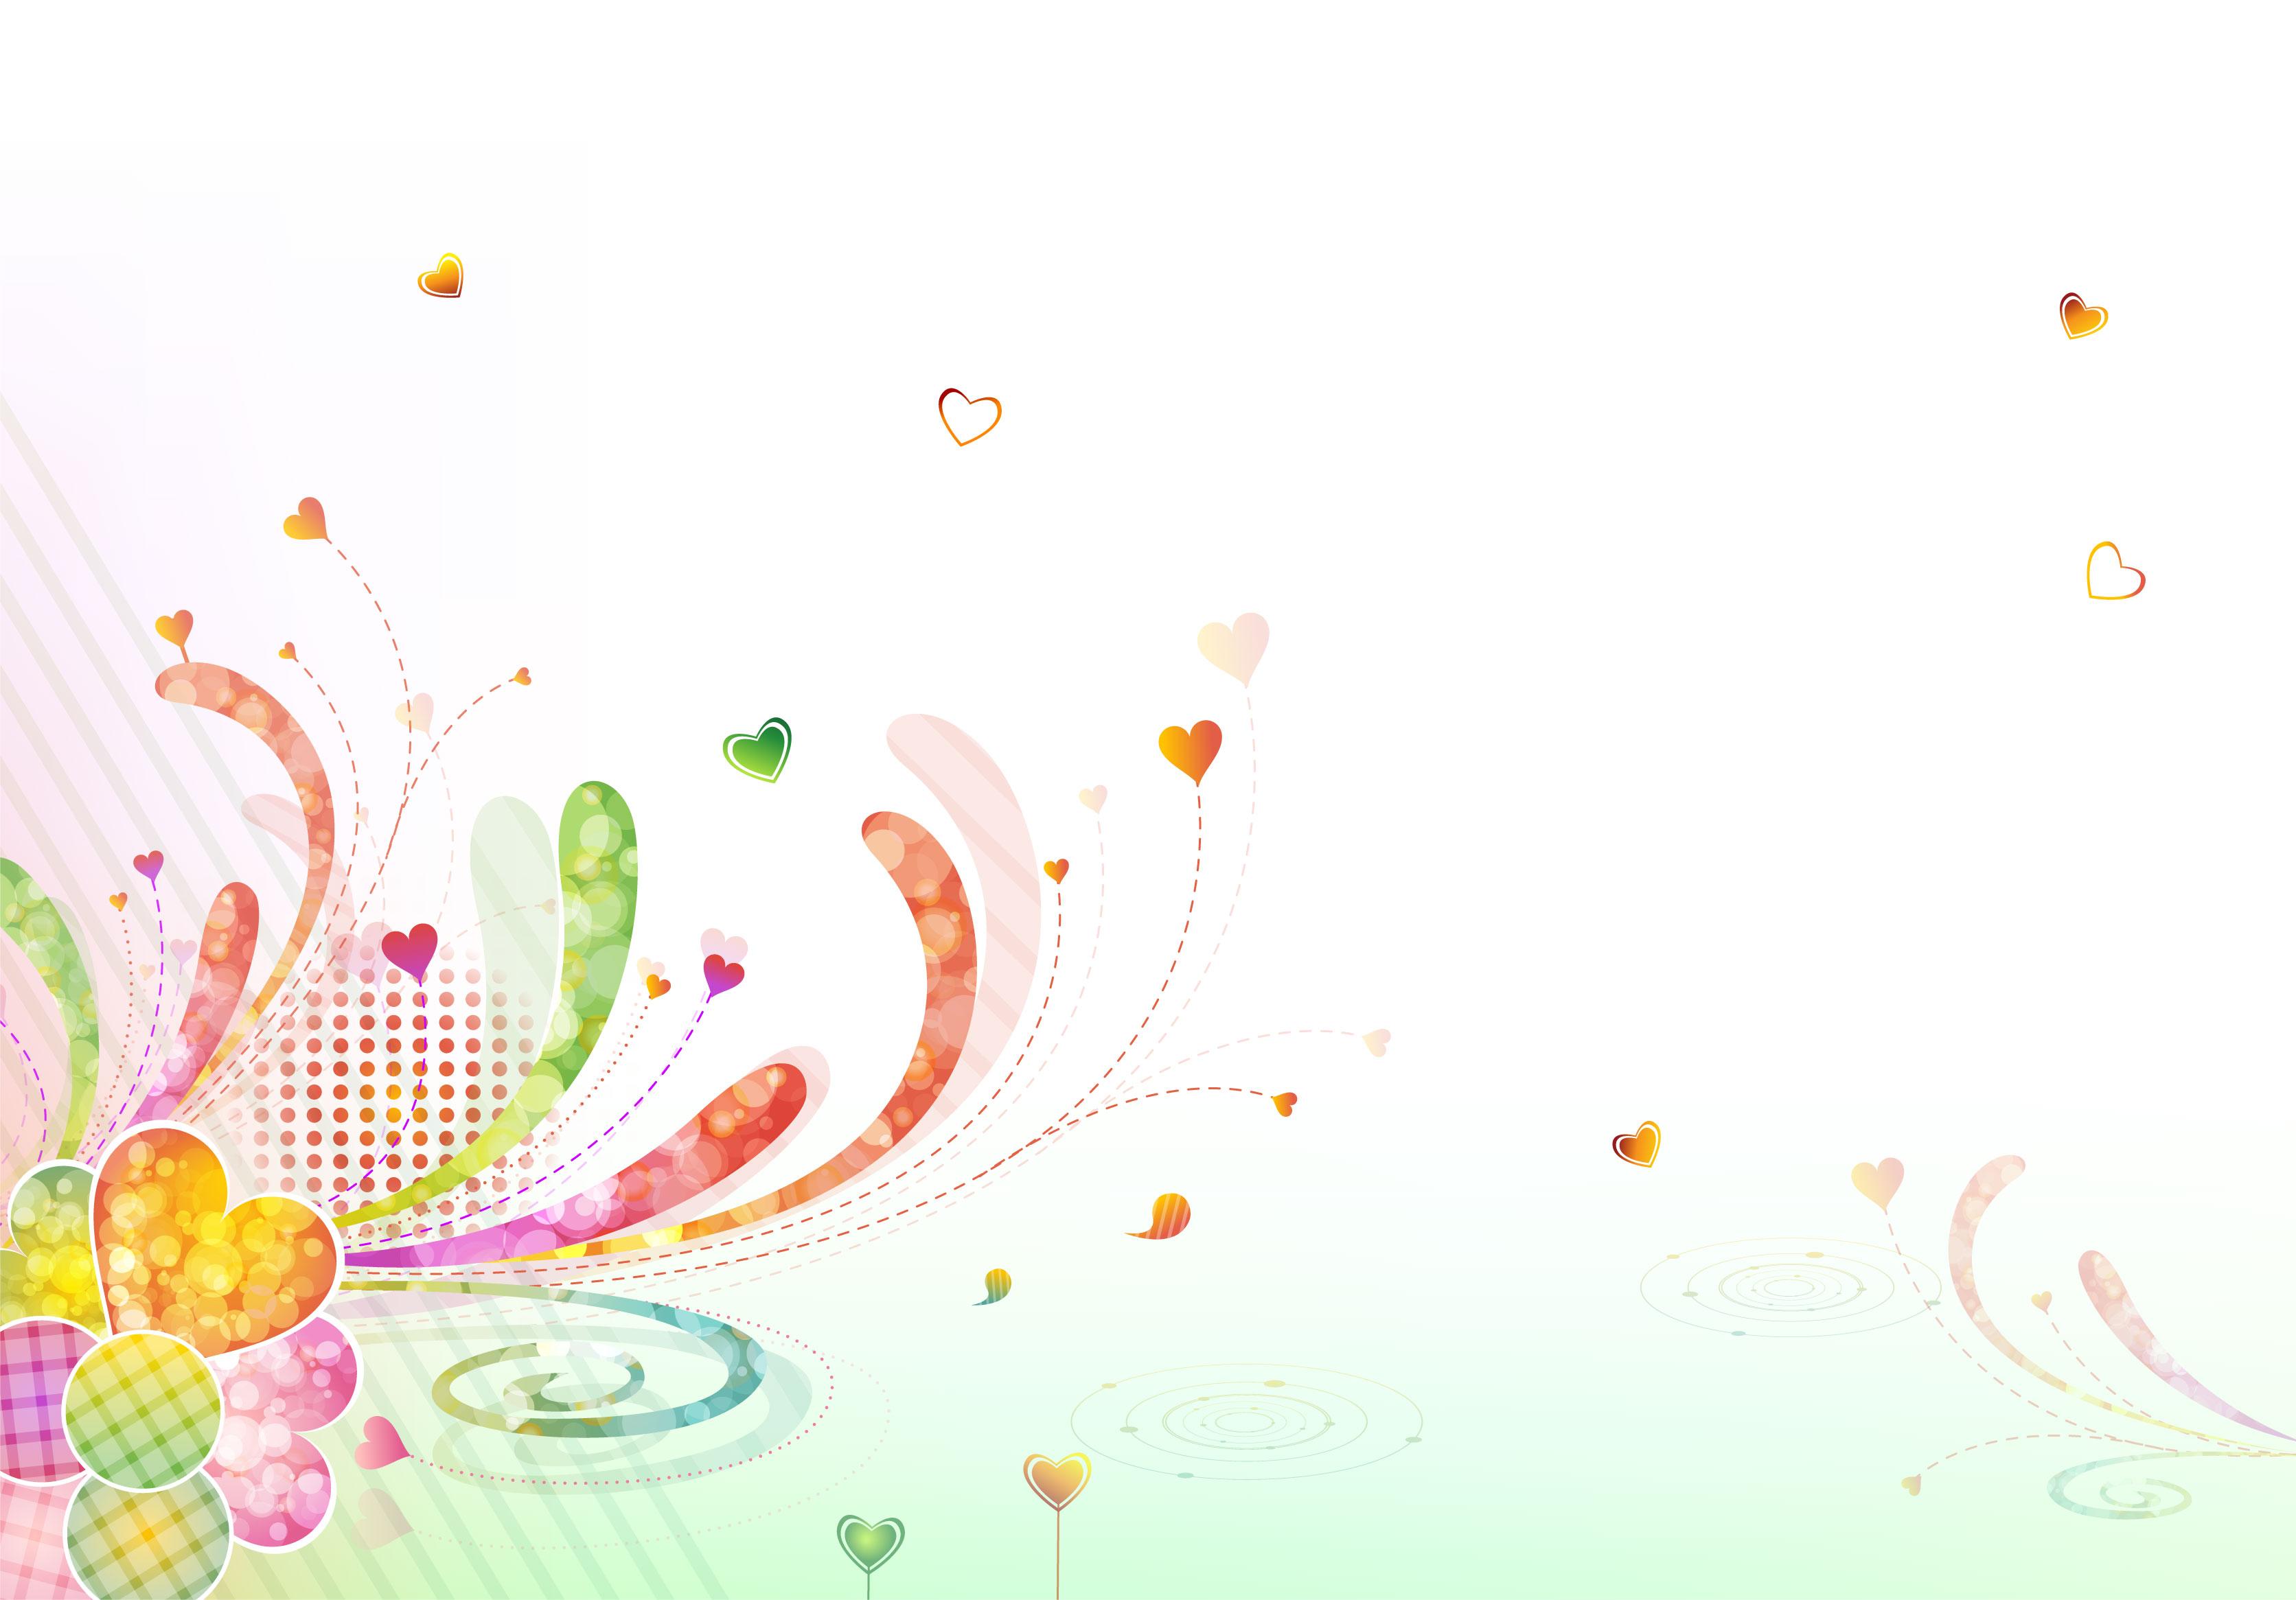 花のイラストフリー素材壁紙背景no608カラフルハート淡い